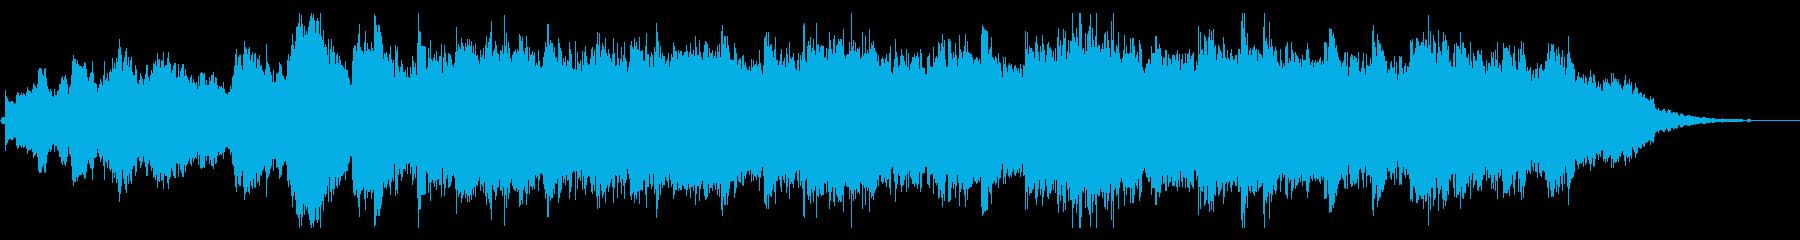 Hello Again_60secの再生済みの波形